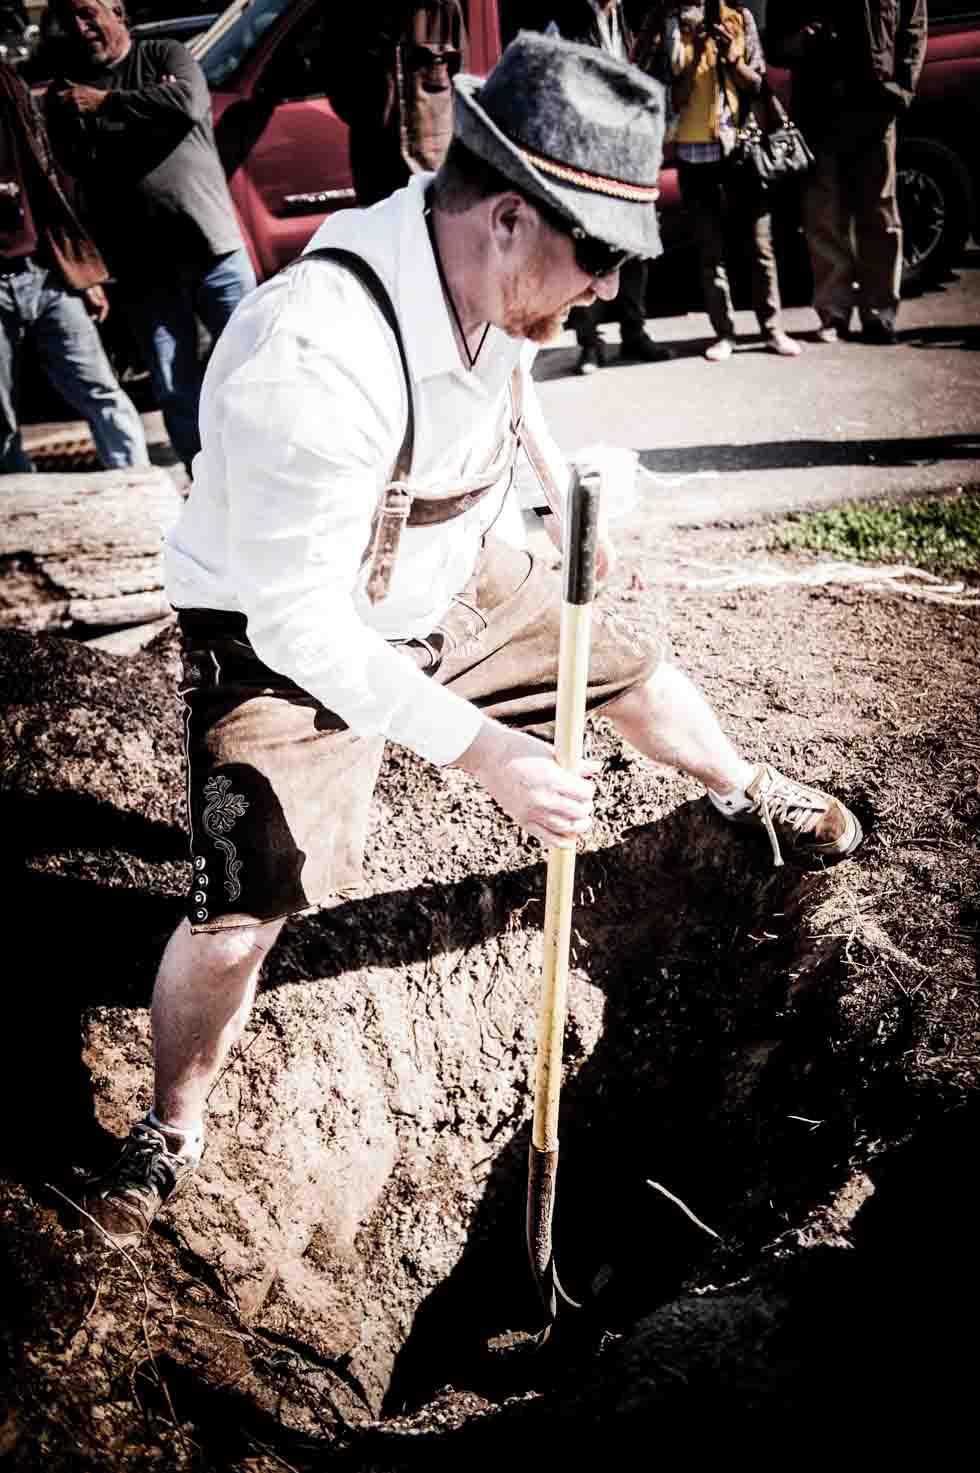 zum-schneider-montauk-2013-maifest-grand-opening-0869.jpg